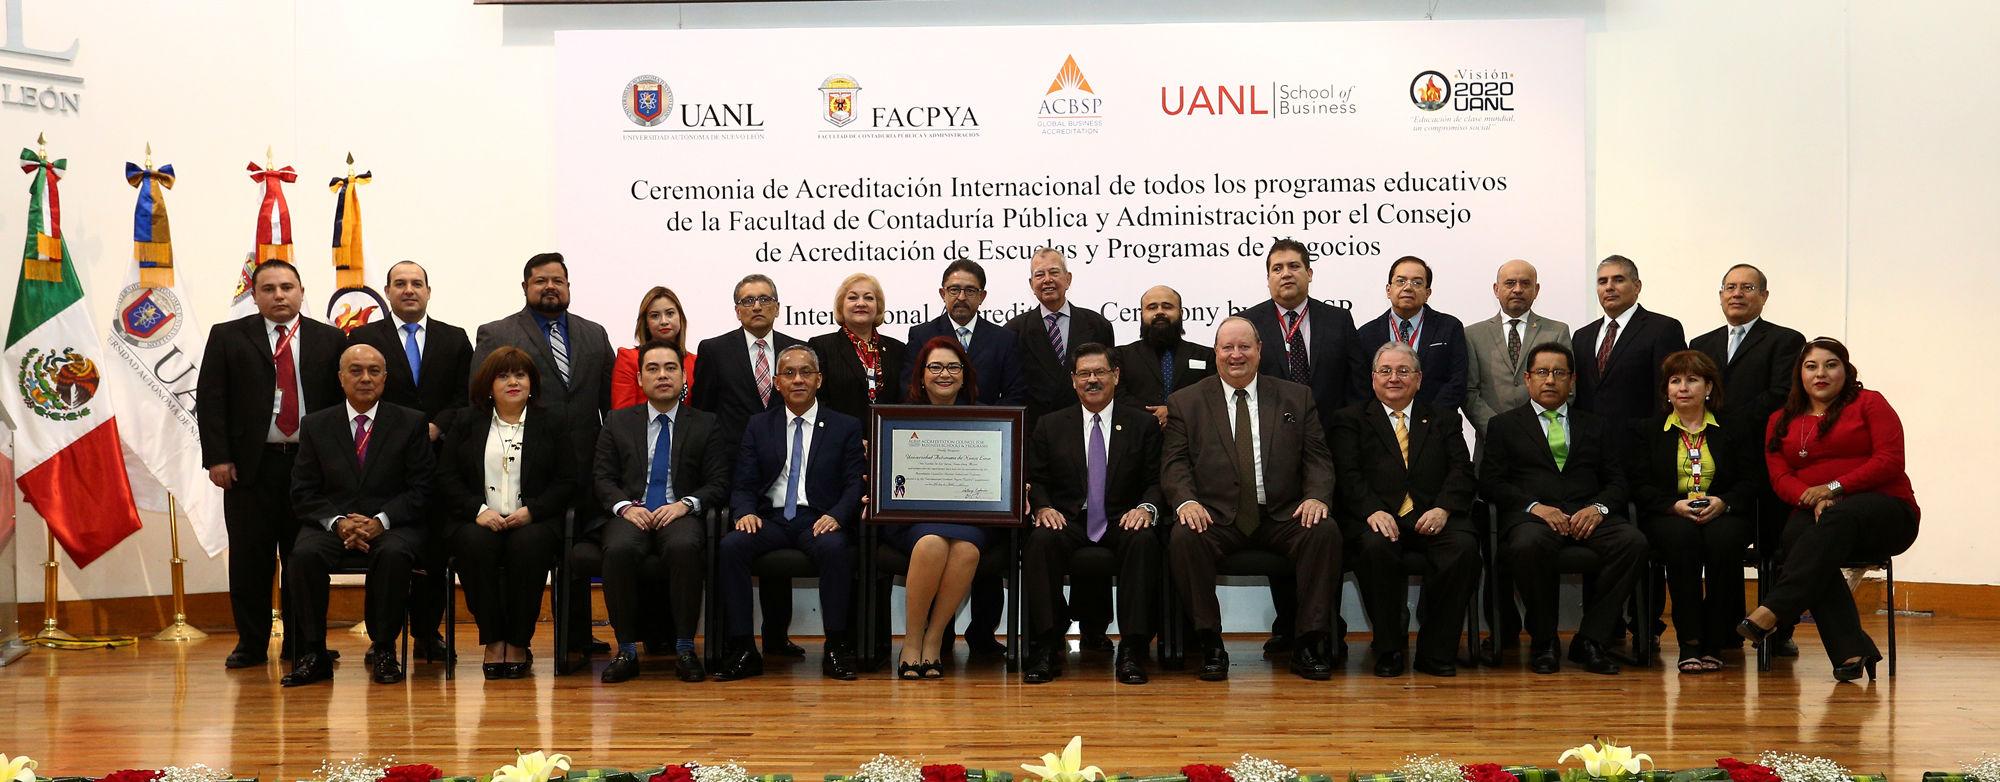 El grupo de la FACPyA que lideró los procesos de acreditación